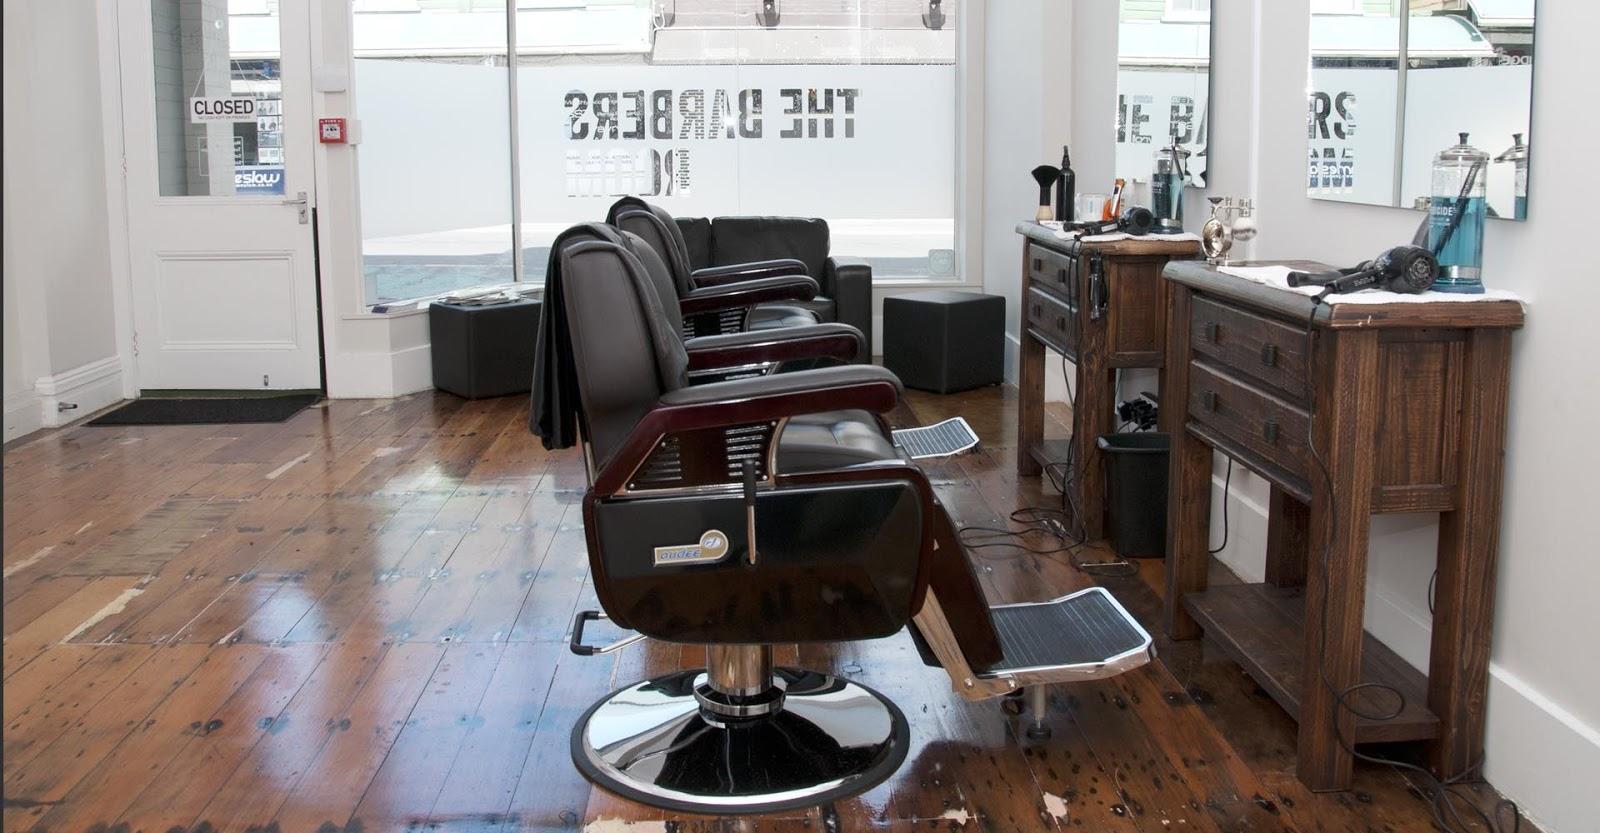 Peluang Paket Bisnis Usaha Barbershop Pria Dalam Analisa Serta Resiko